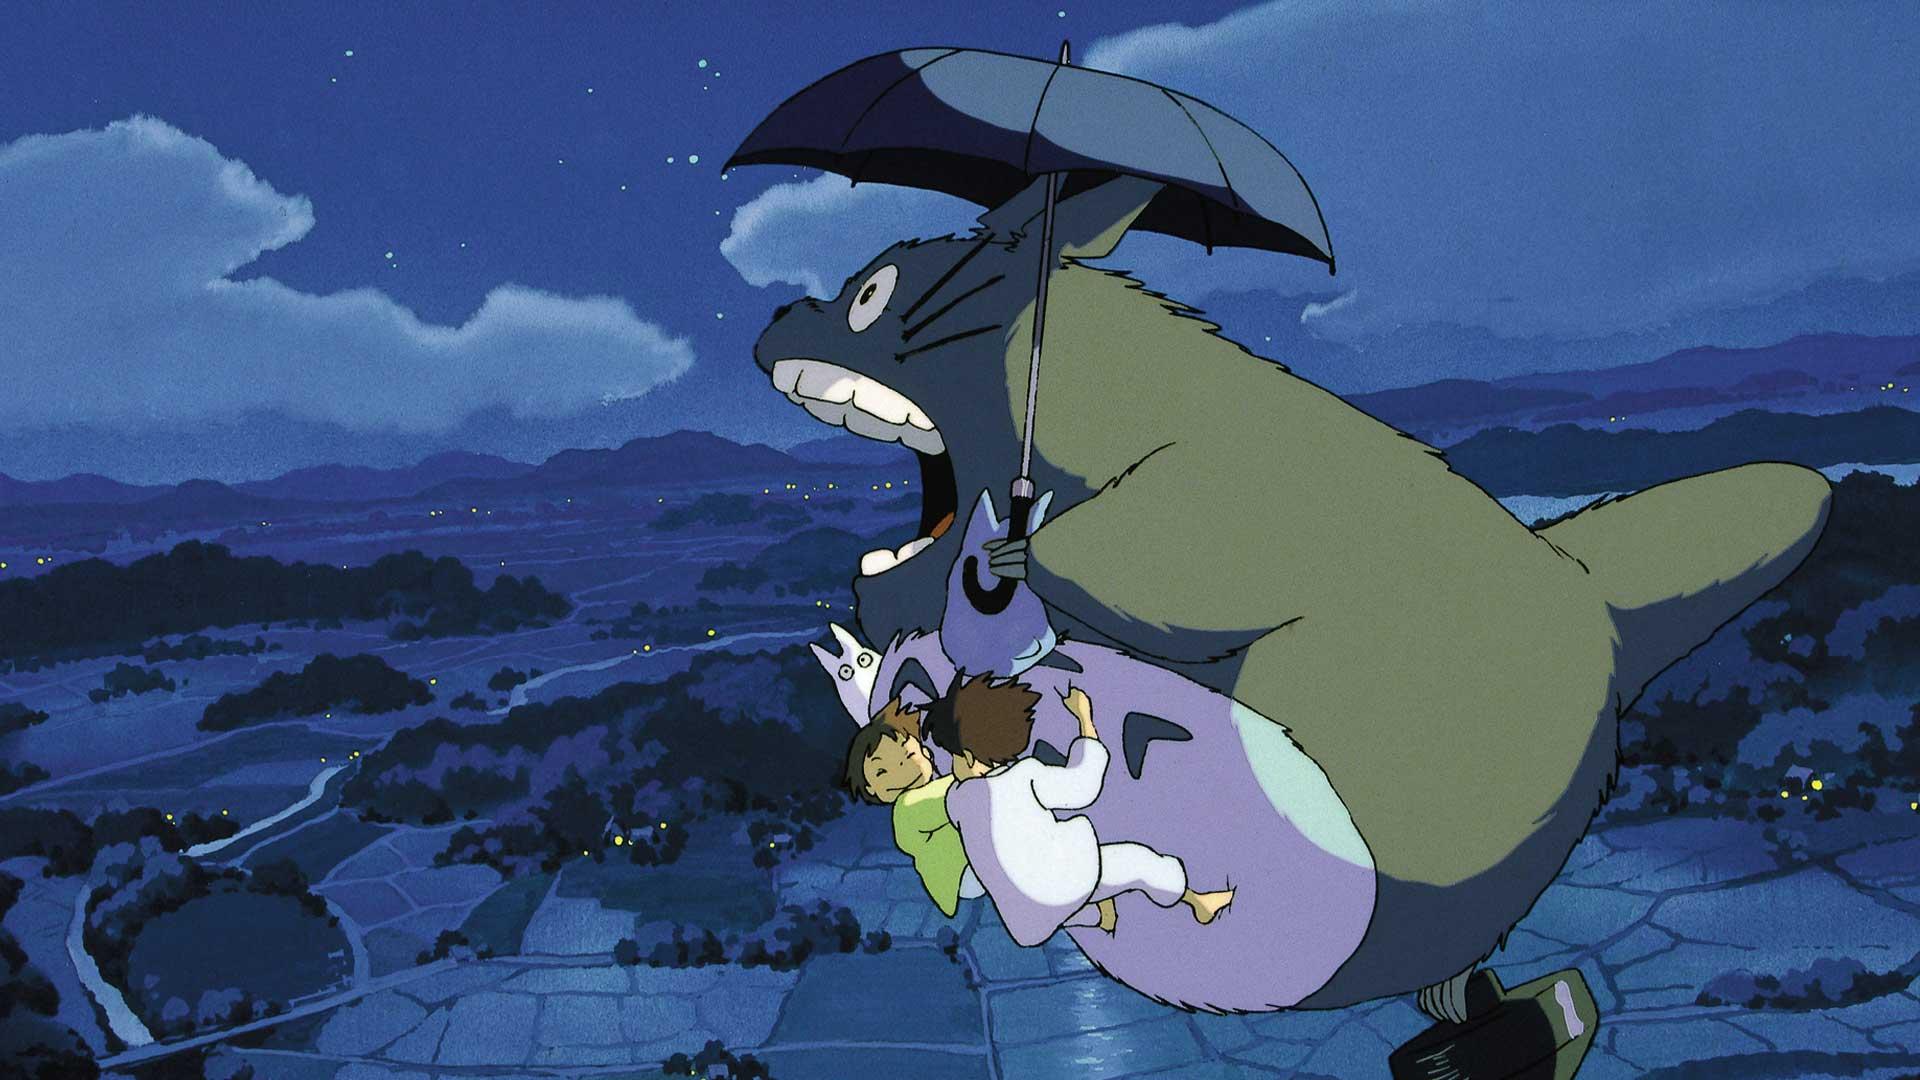 Totoro fliegt in der Nacht